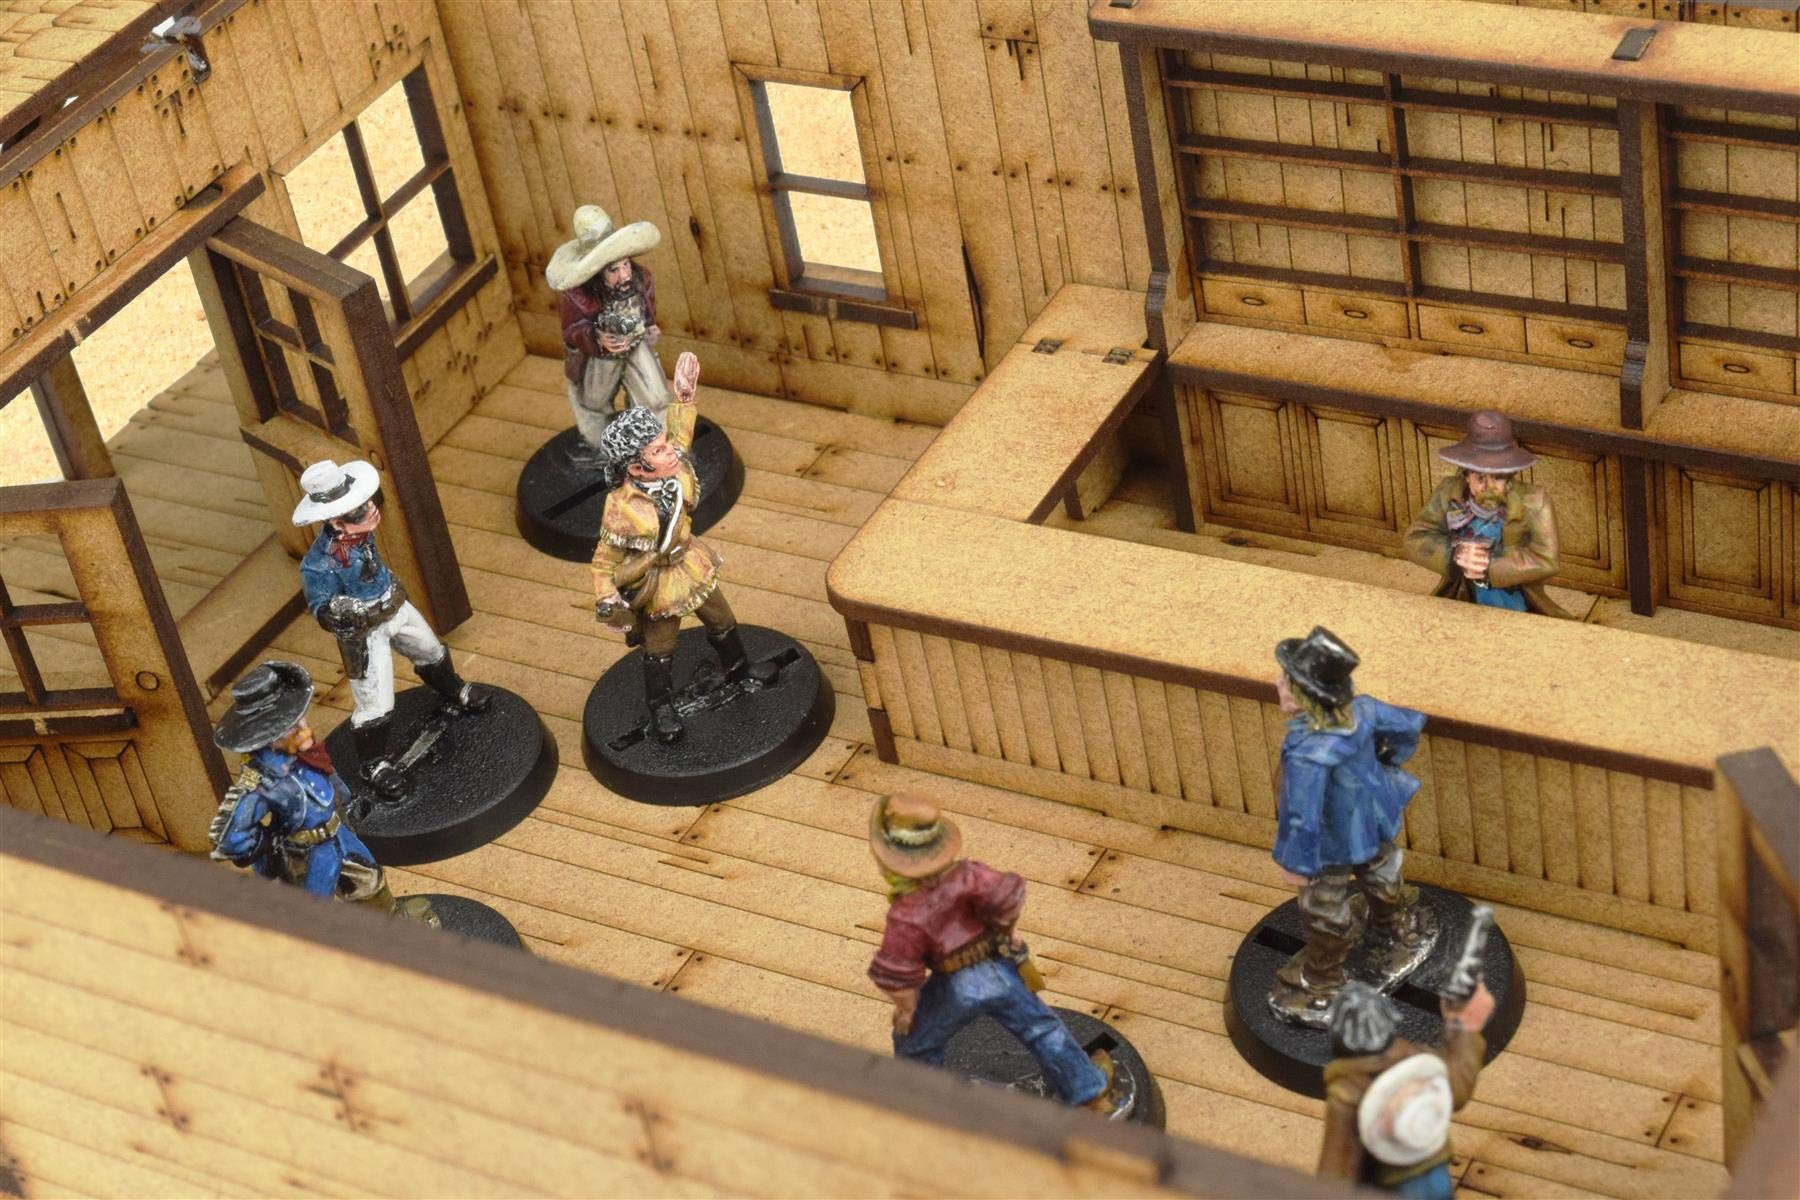 War World Gaming Wild West - Tienda - hasta Escala de 35mm, Wargame, DM, Escenografía, Escaramuzas, Lejano Oeste, Dioramas, Miniaturas, Maquetas, Modelismo, Juego de Mesa: Amazon.es: Juguetes y juegos